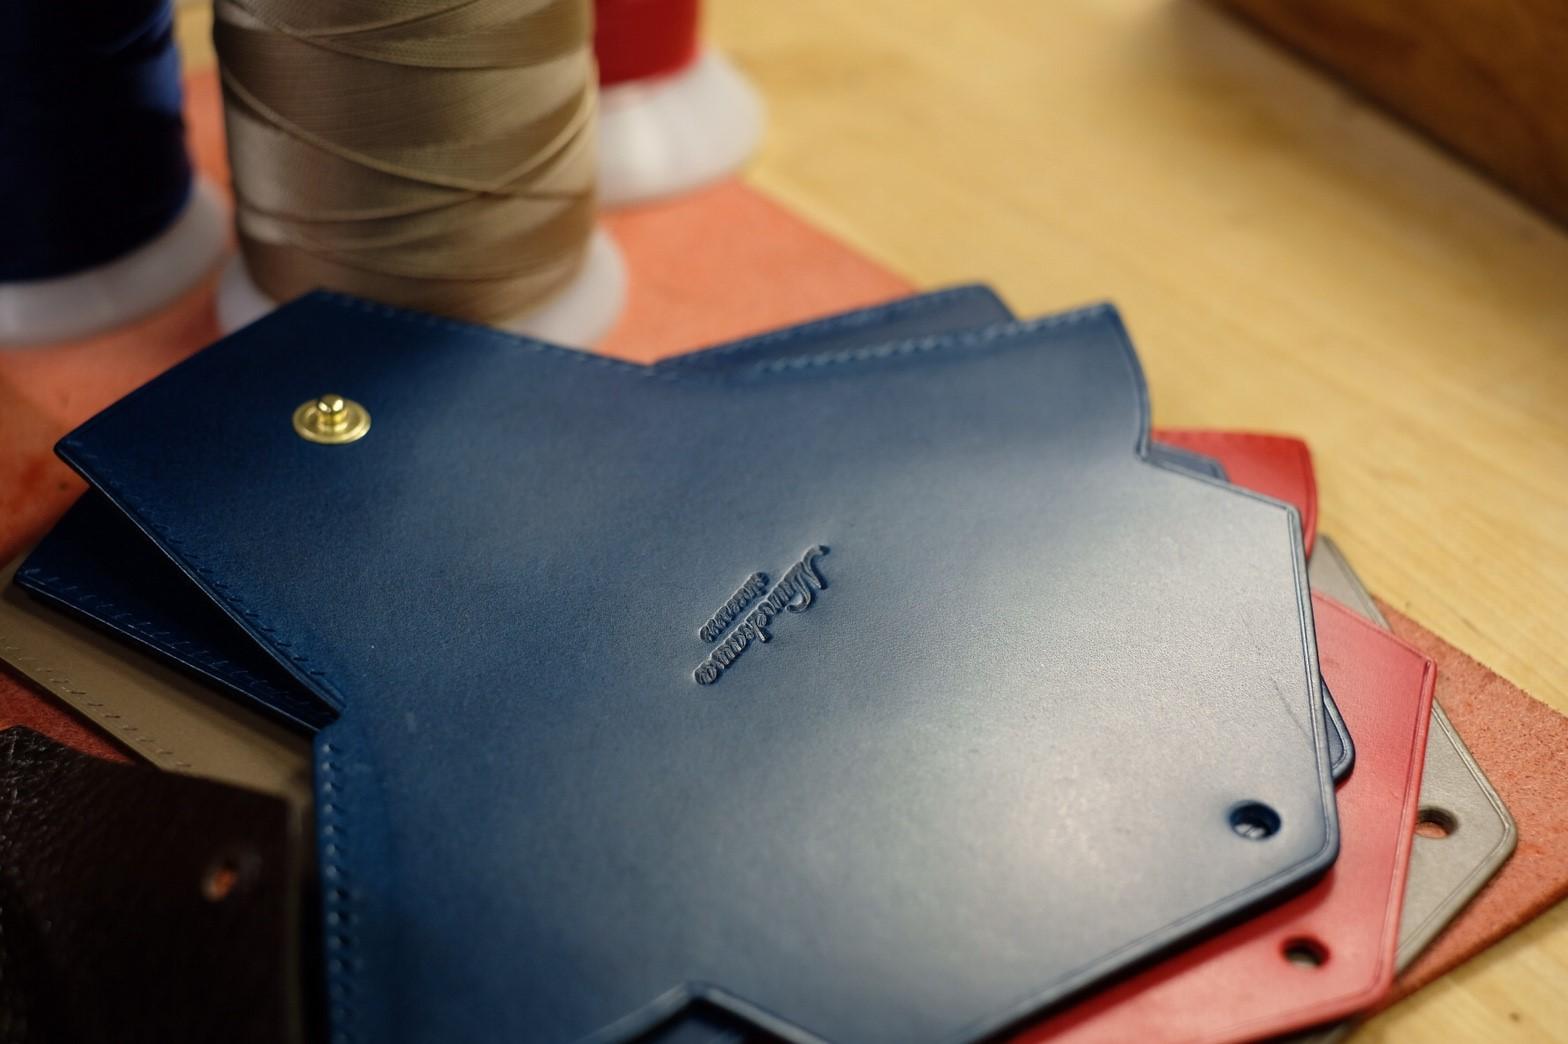 手縫いコインケースHoldのご紹介②の動画を公開しました。